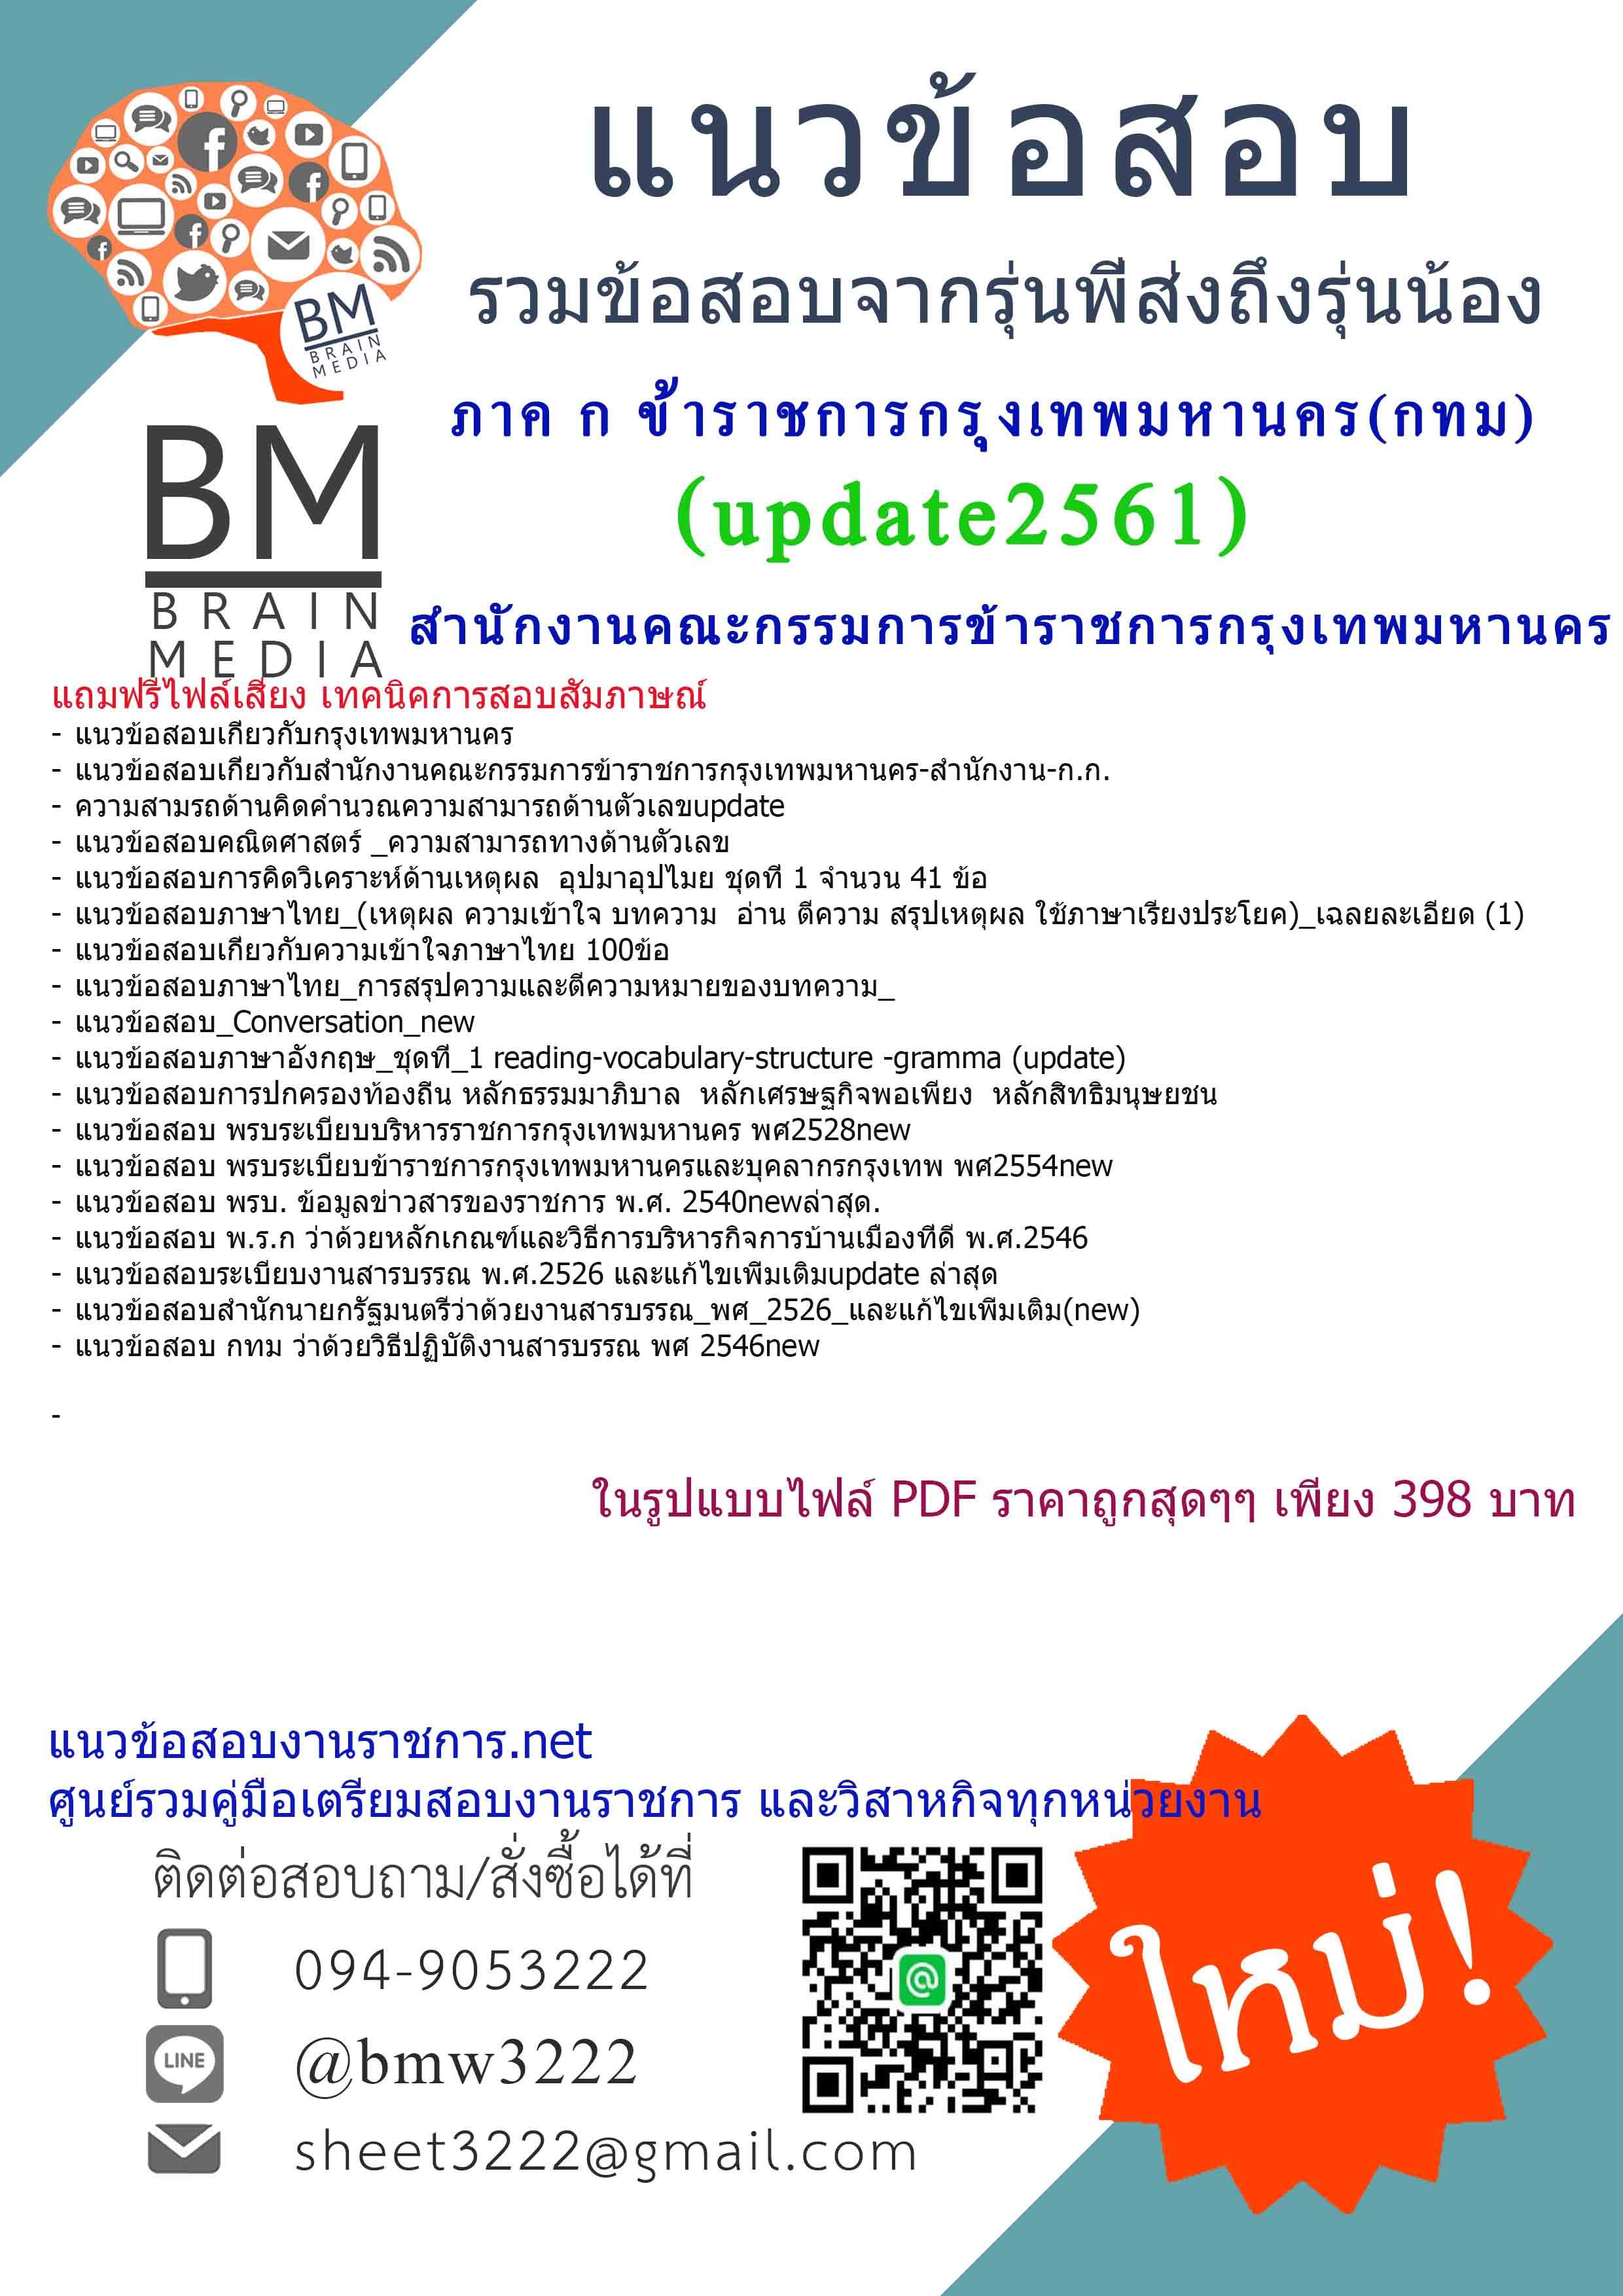 เตรียมความพร้อมก่อนใคร!!((updateสุดๆ)))แนวข้อสอบ ภาค ก ข้าราชการกรุงเทพมหานคร (กทม.)สำนักงานคณะกรรมการข้าราชการกรุงเทพมหานคร (สำนักงาน ก.ก.)